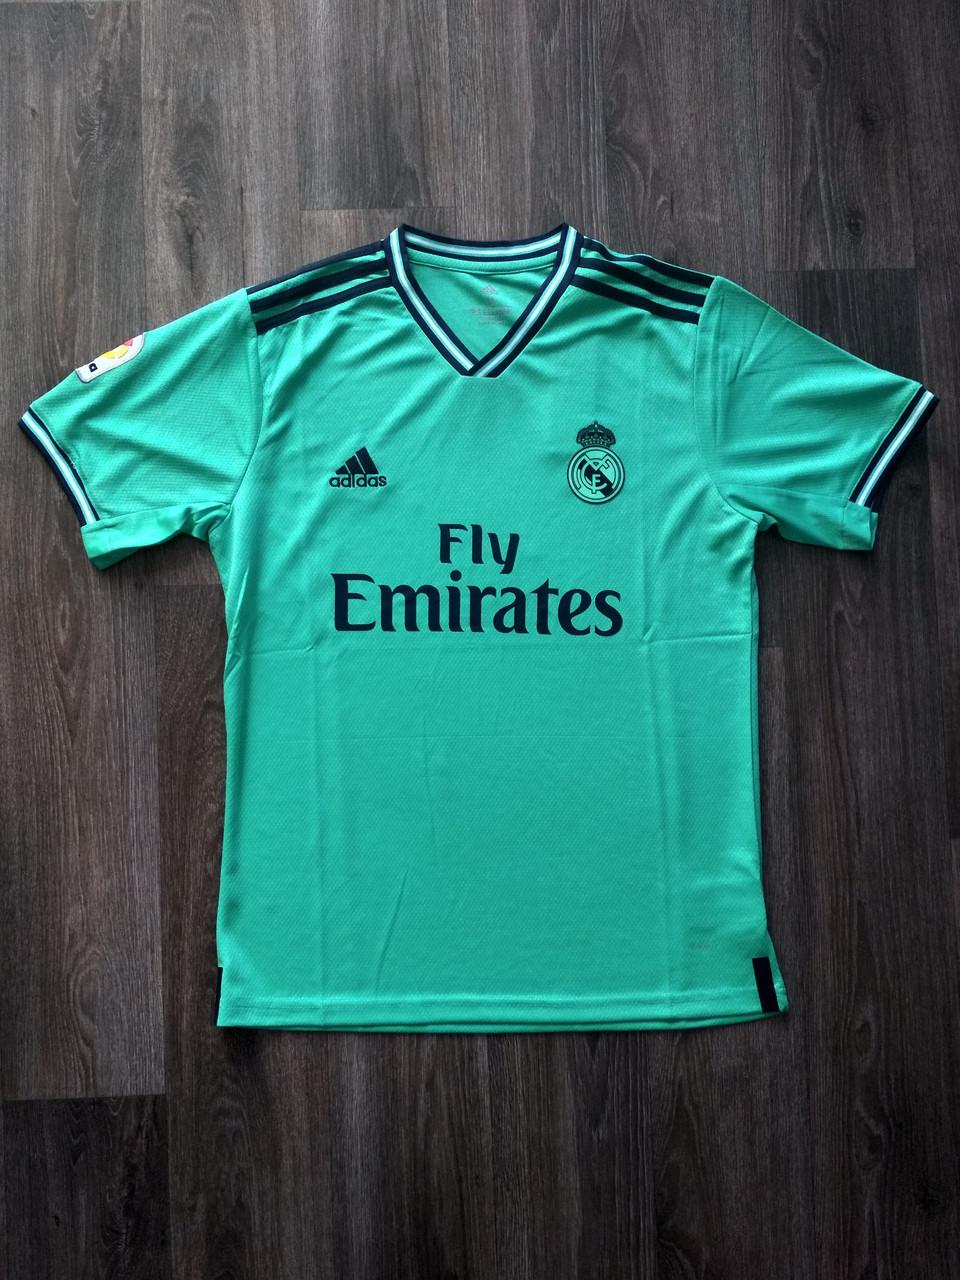 Тренировочная футболка игровая Реал Мадрид/Real Madrid( Испания, Примера ), резервная, сезон  2019-2020